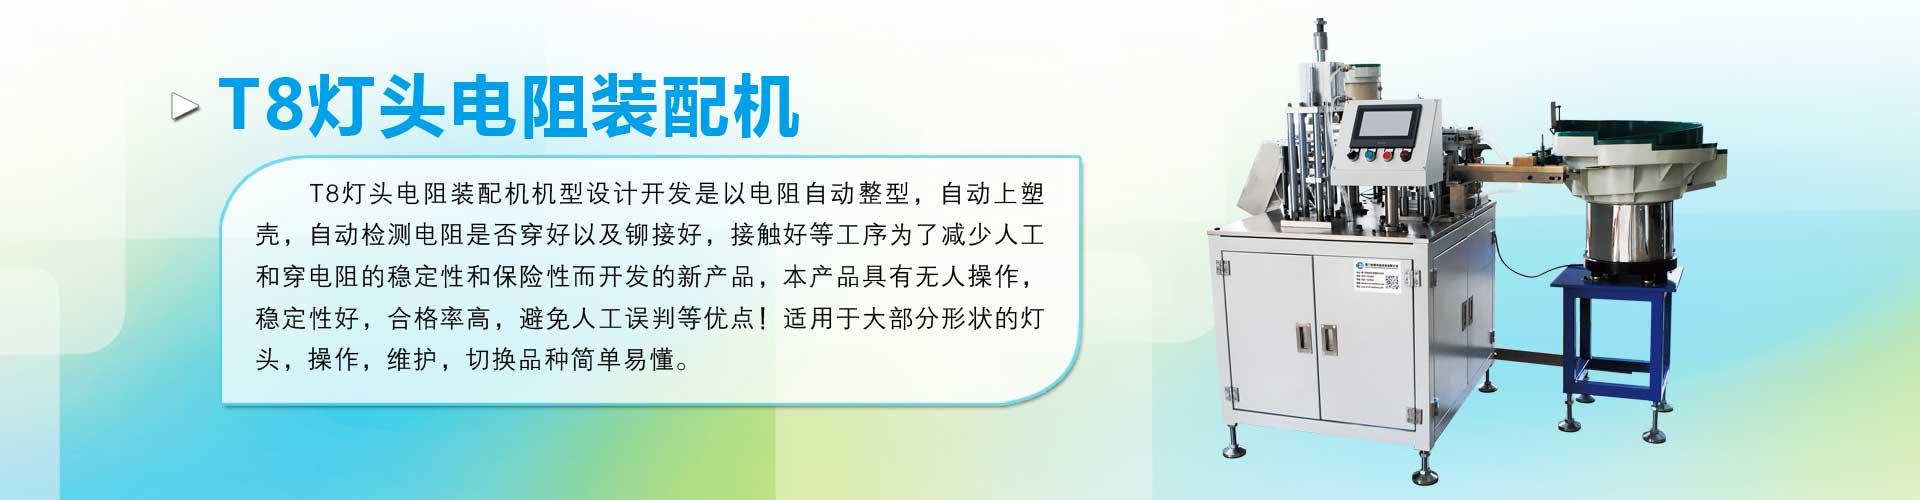 北京灯头电阻装配机——厦门哪里有卖划算的T8灯头电阻装配机